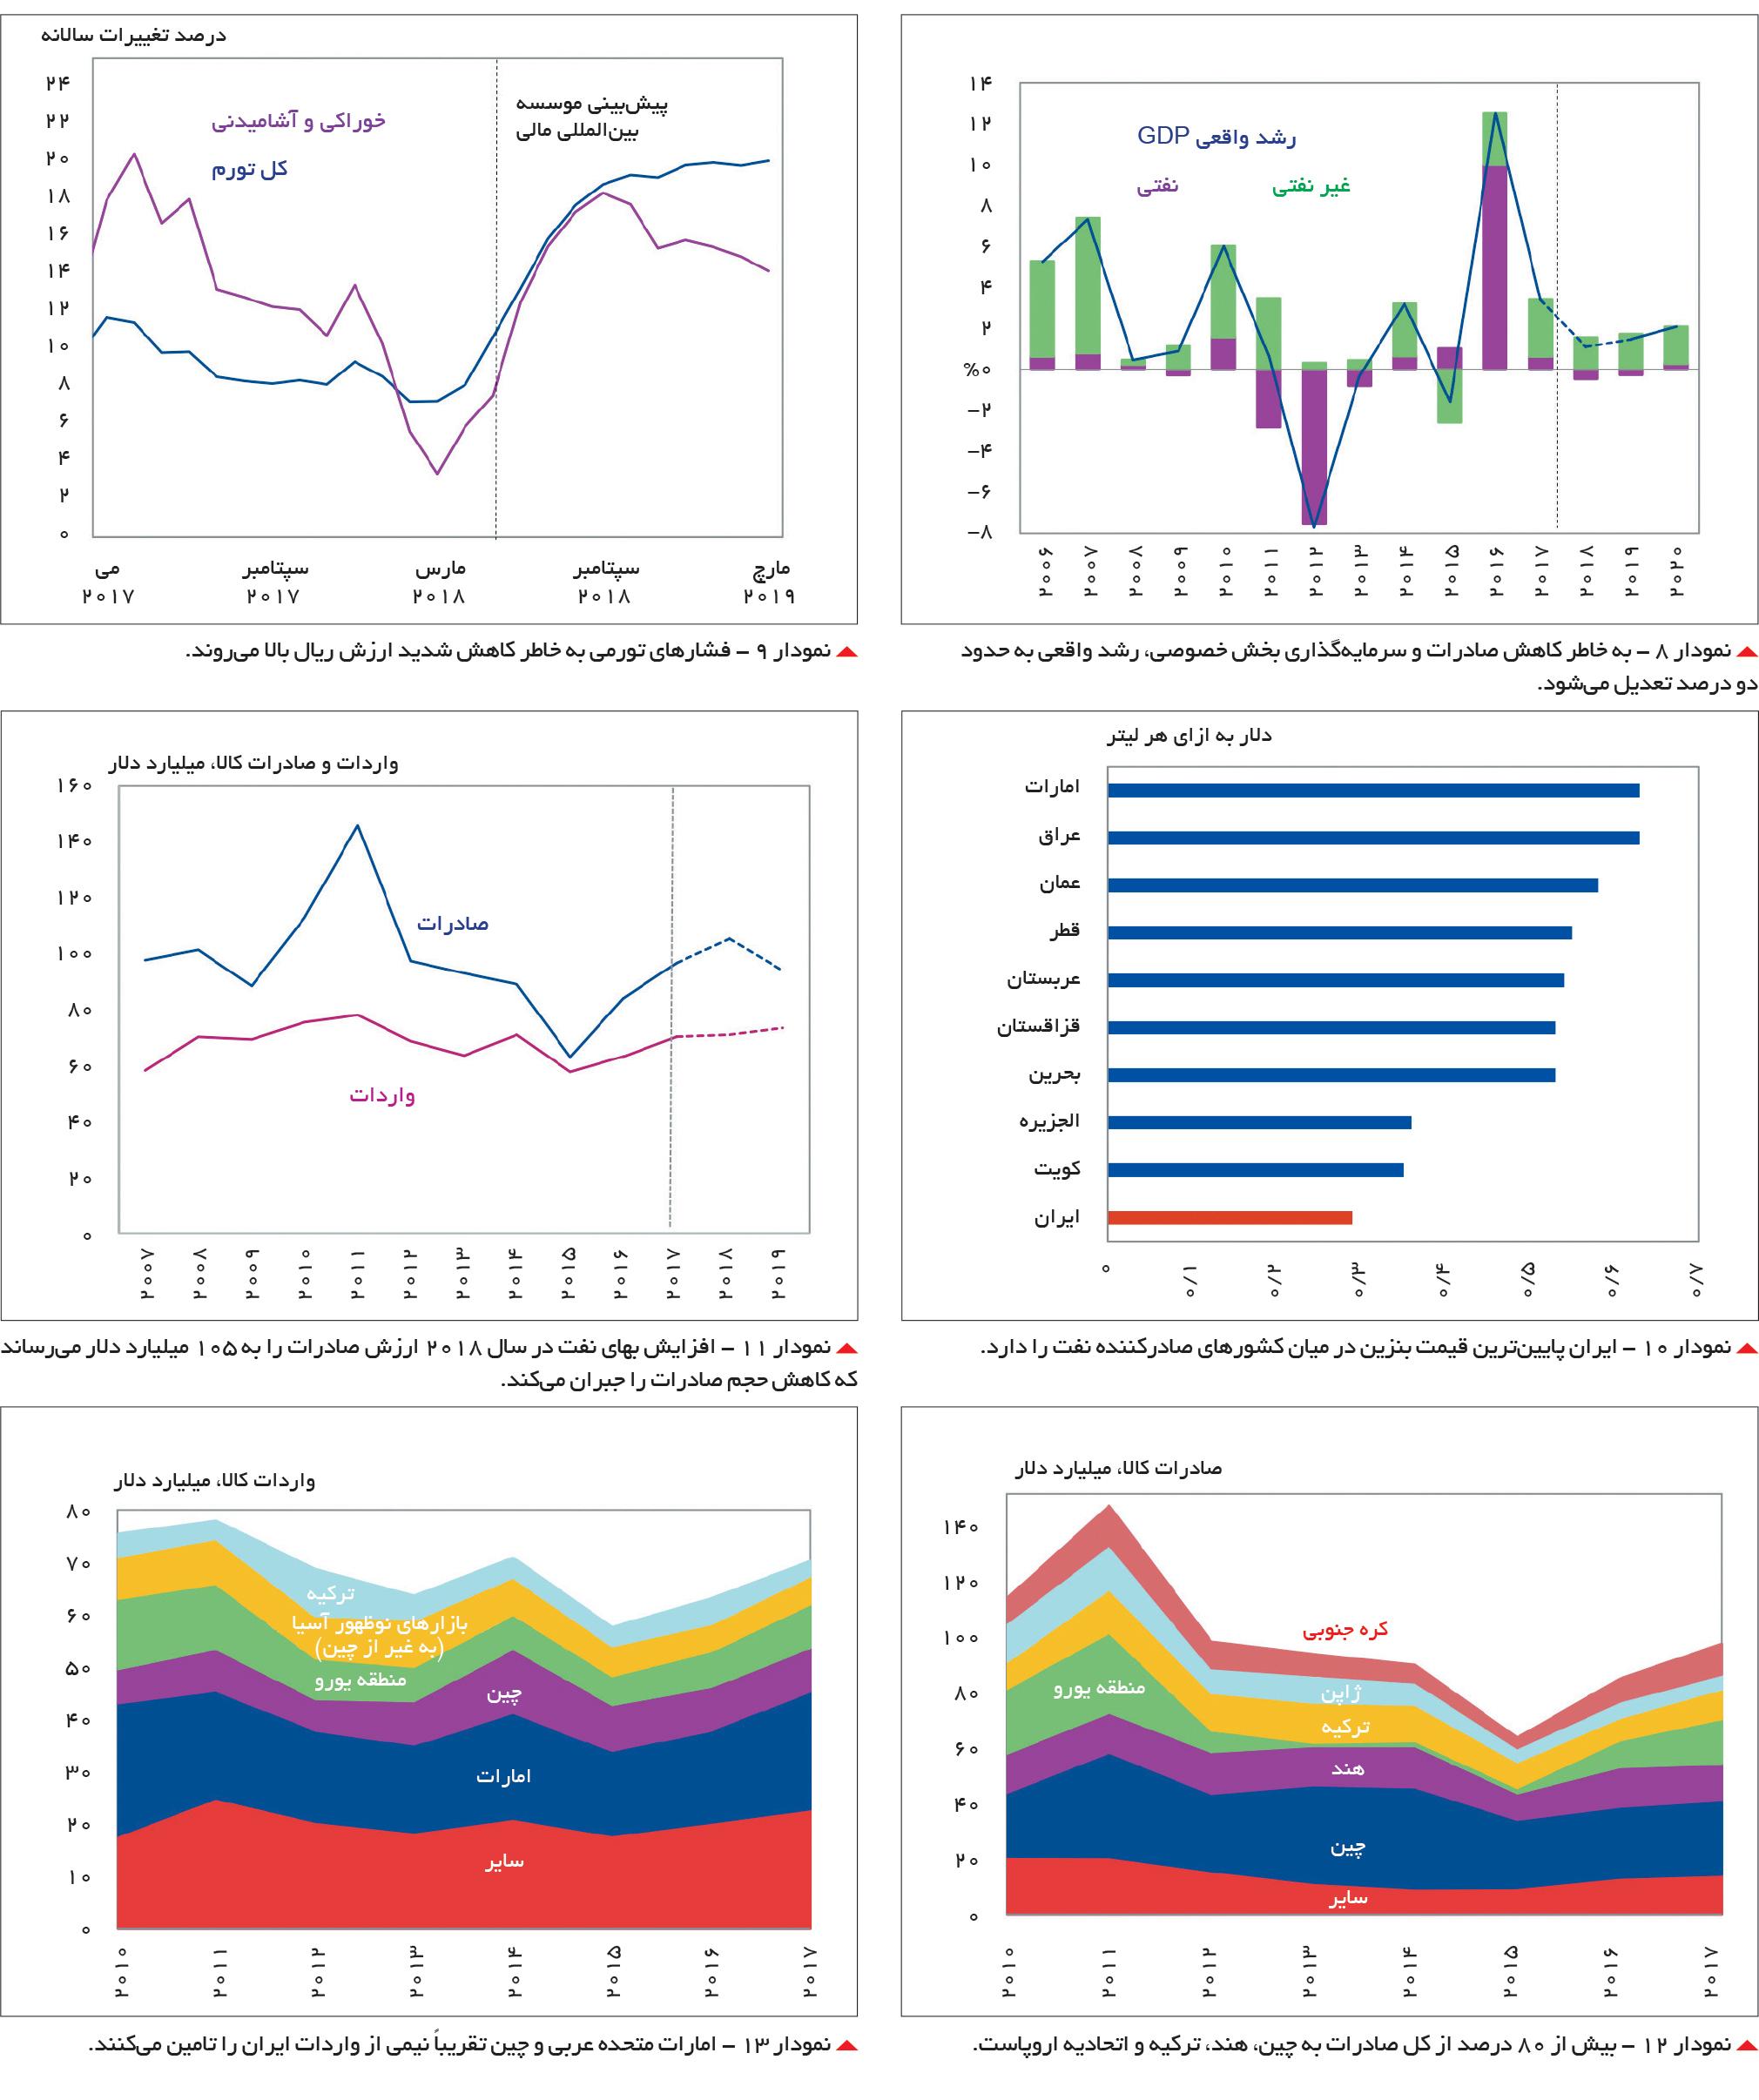 تجارت فردا-نمودارها 1